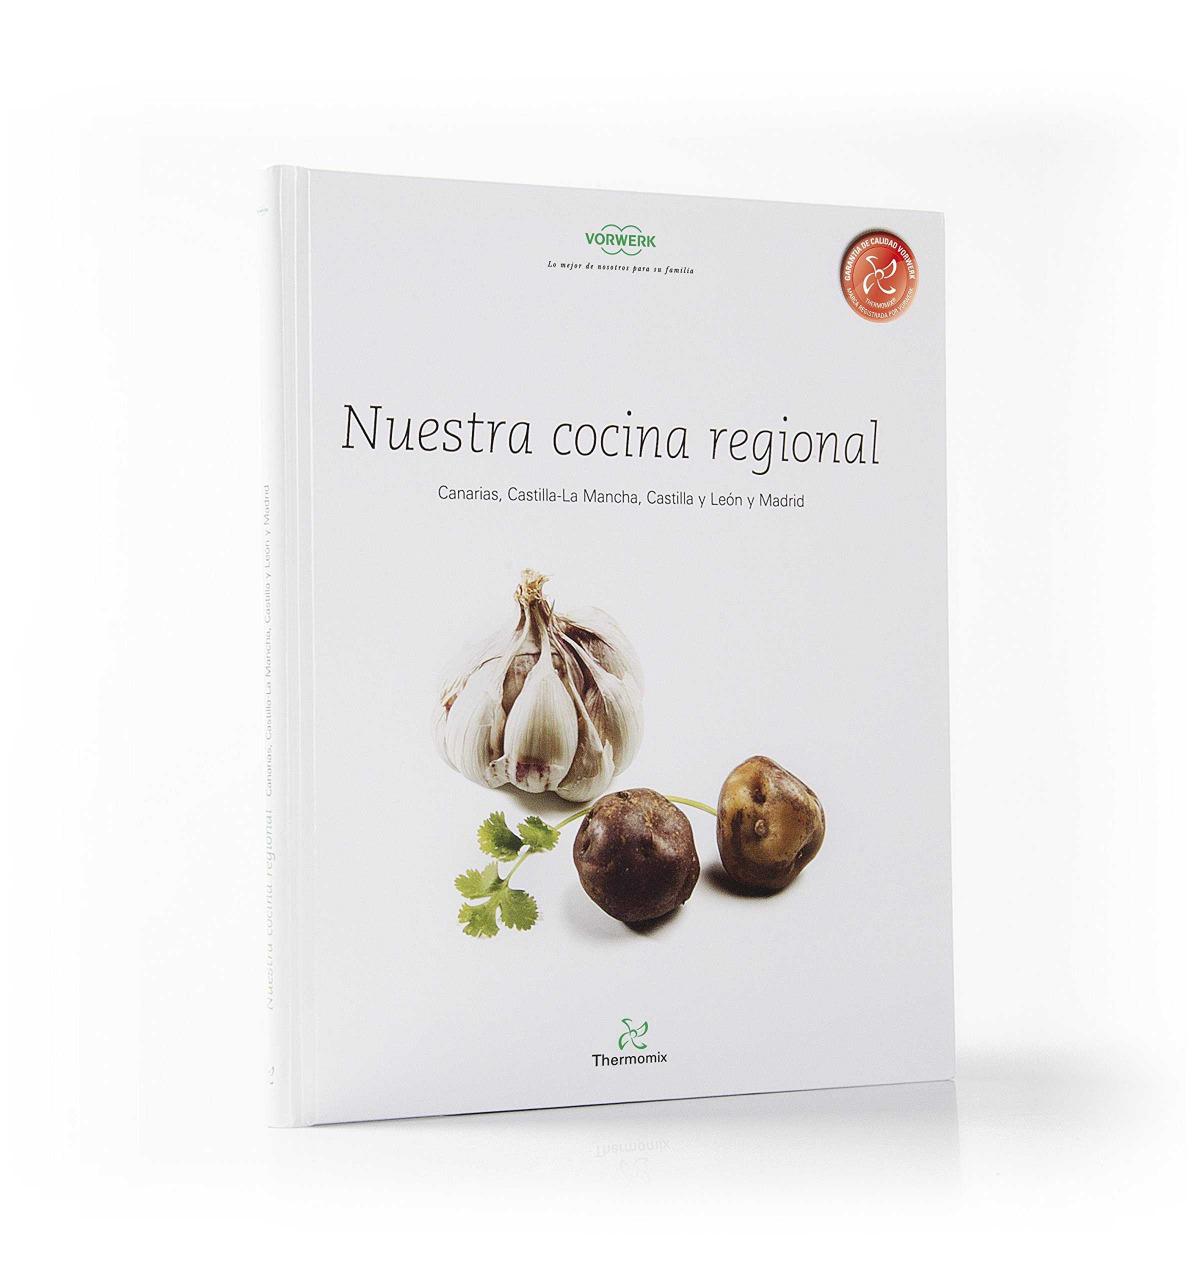 NUESTRA COCINA REGIONAL